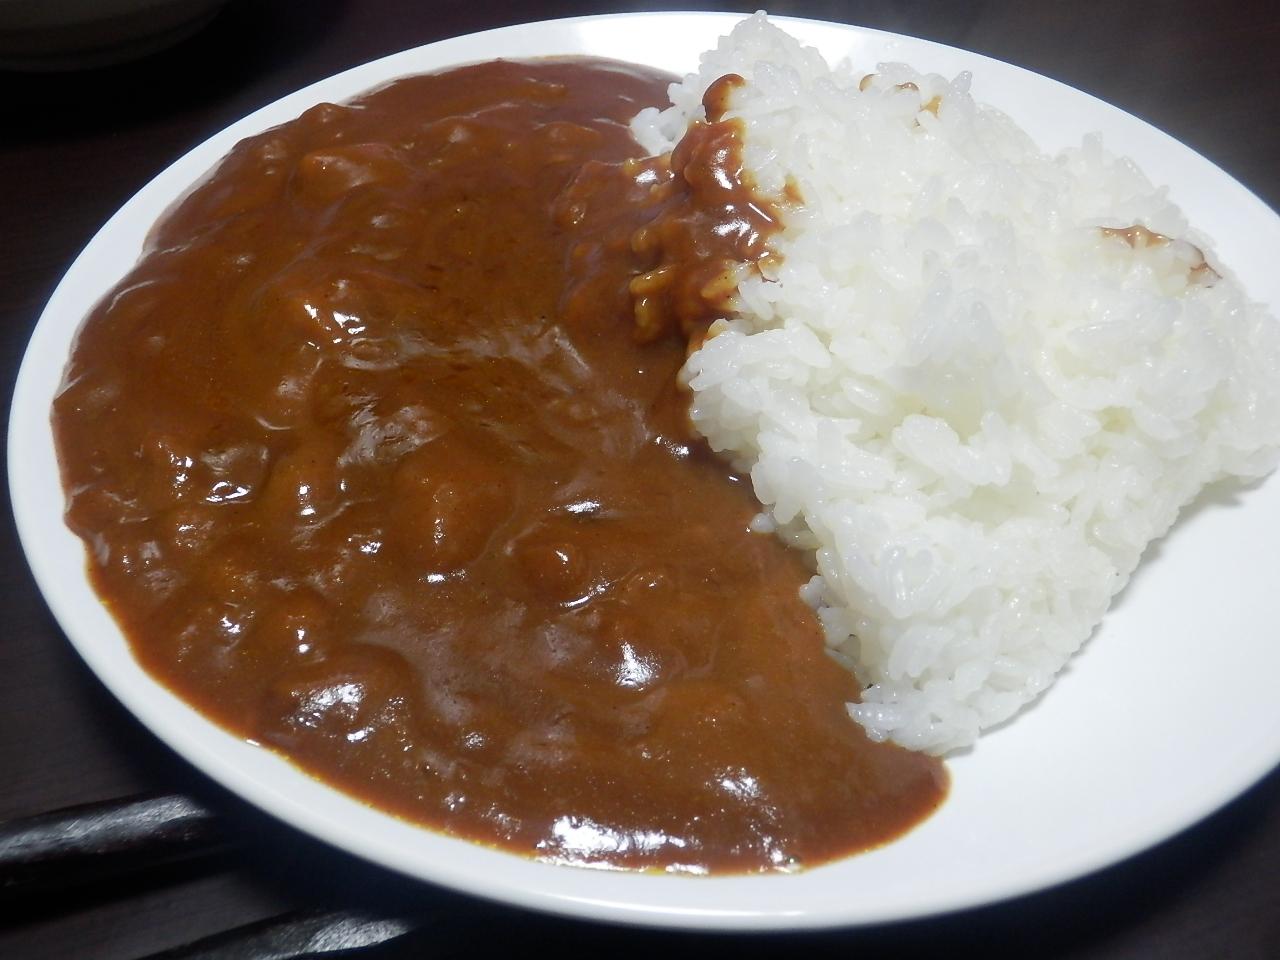 http://curry.tokyo-review.com/image3/P4141616.JPG